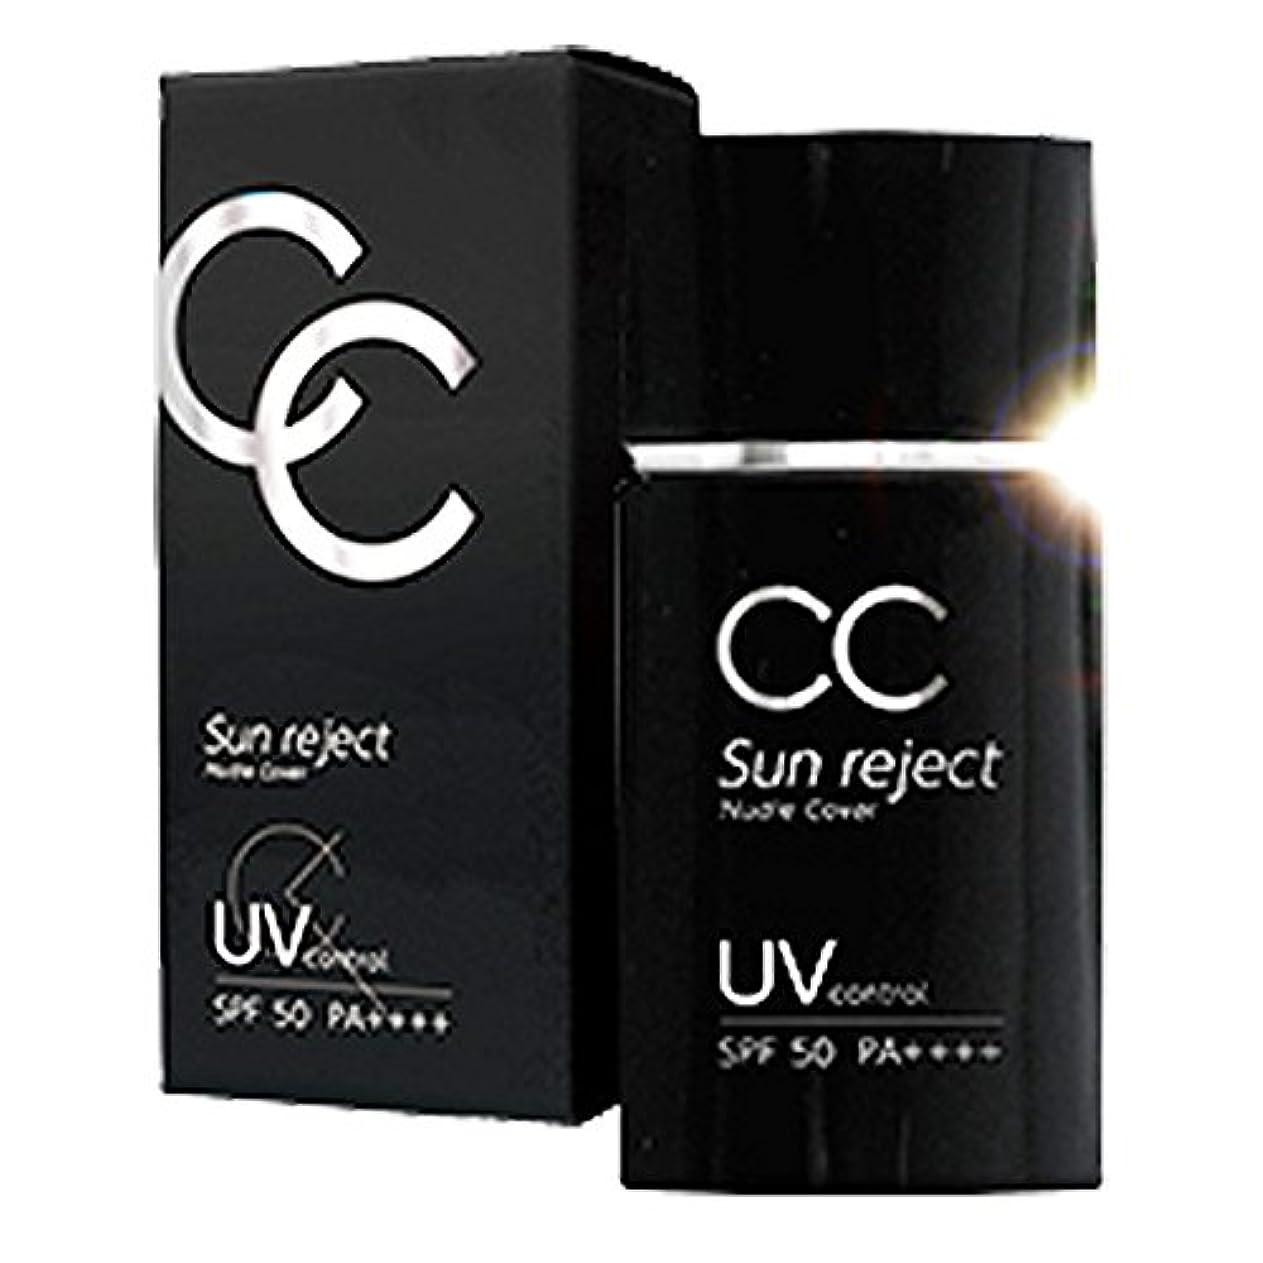 手のひらあいまいさよく話されるエヴリワン UV control サンリジェクト Nudie Cover 30ml